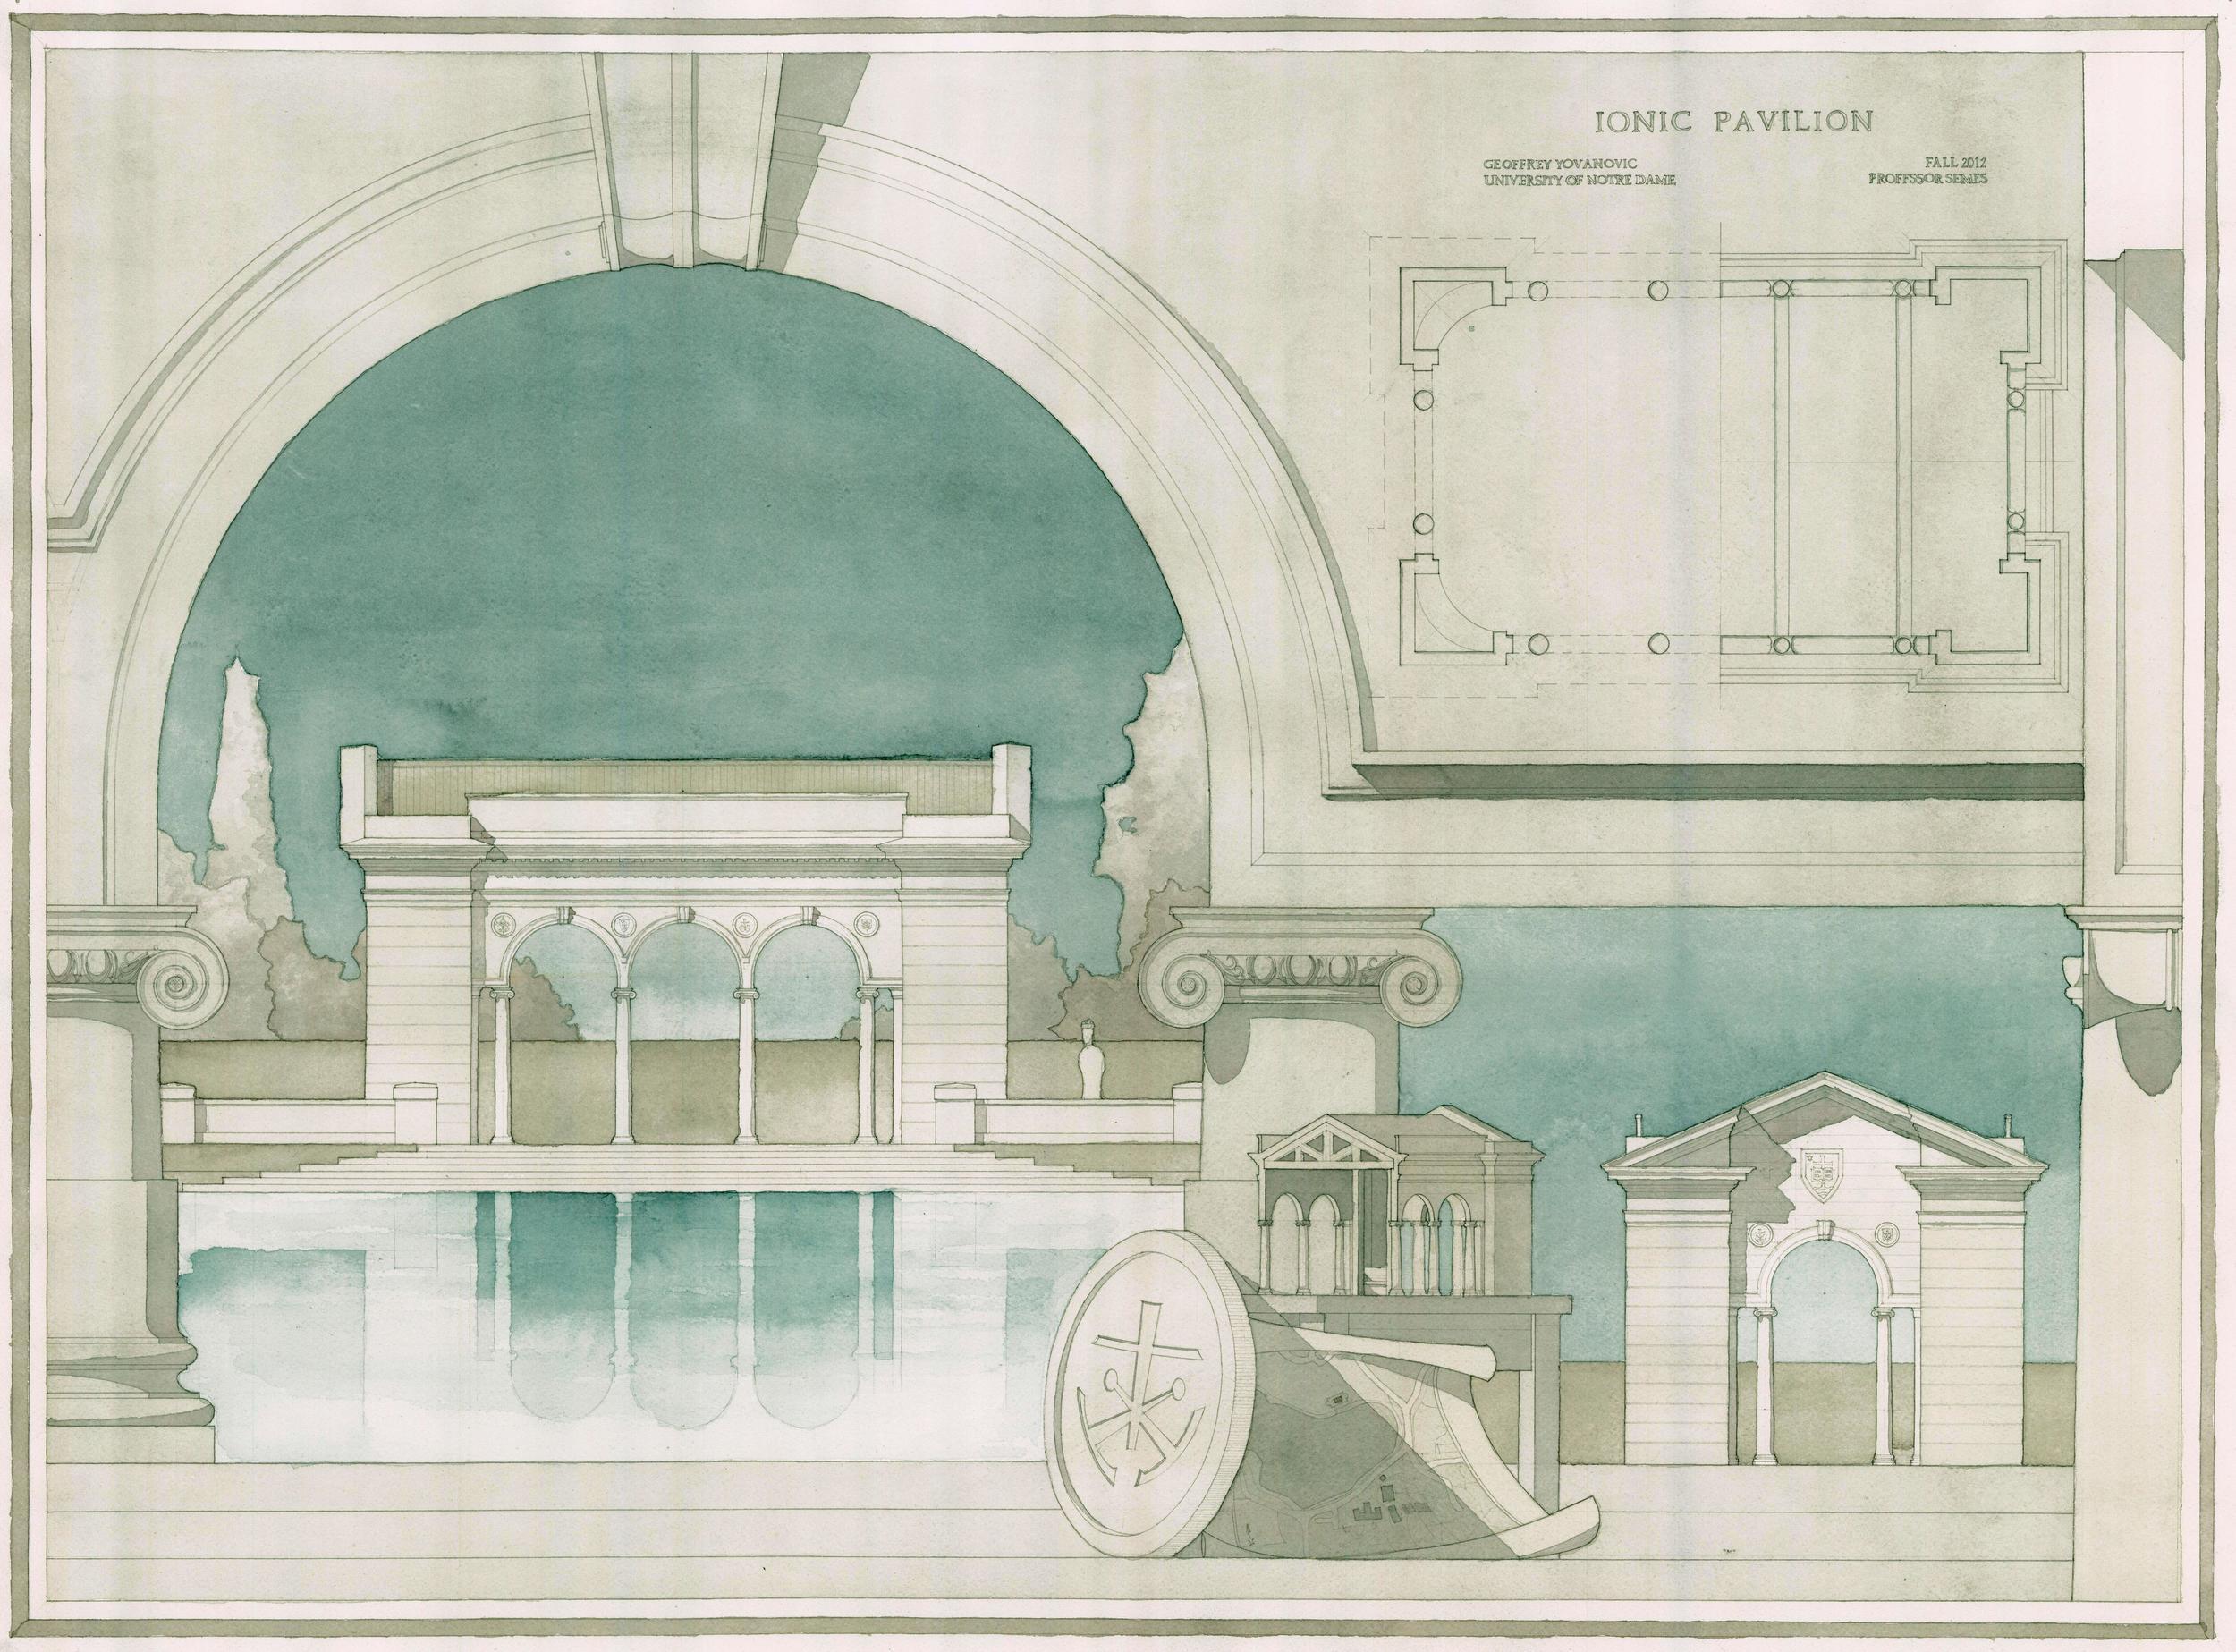 Ionic Pavilion